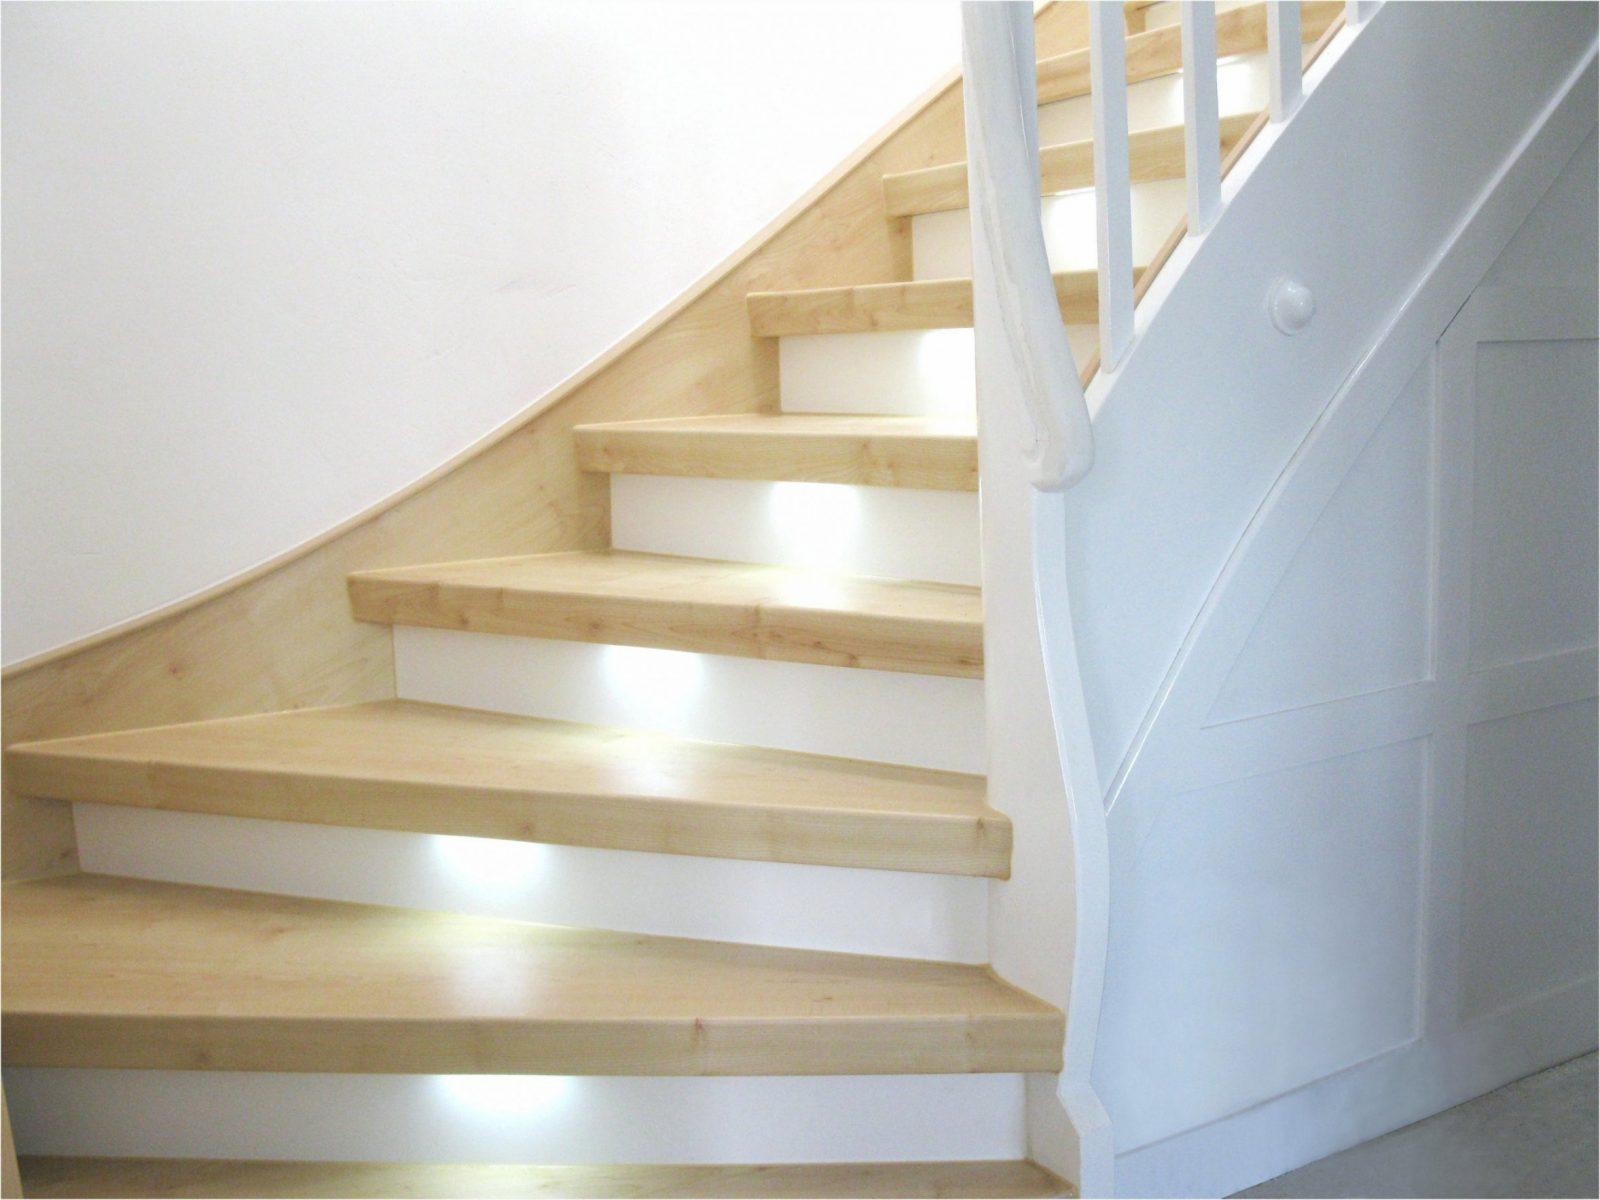 Stauraum Unter Offener Treppe — Temobardz Home Blog von Stauraum Unter Offener Treppe Bild